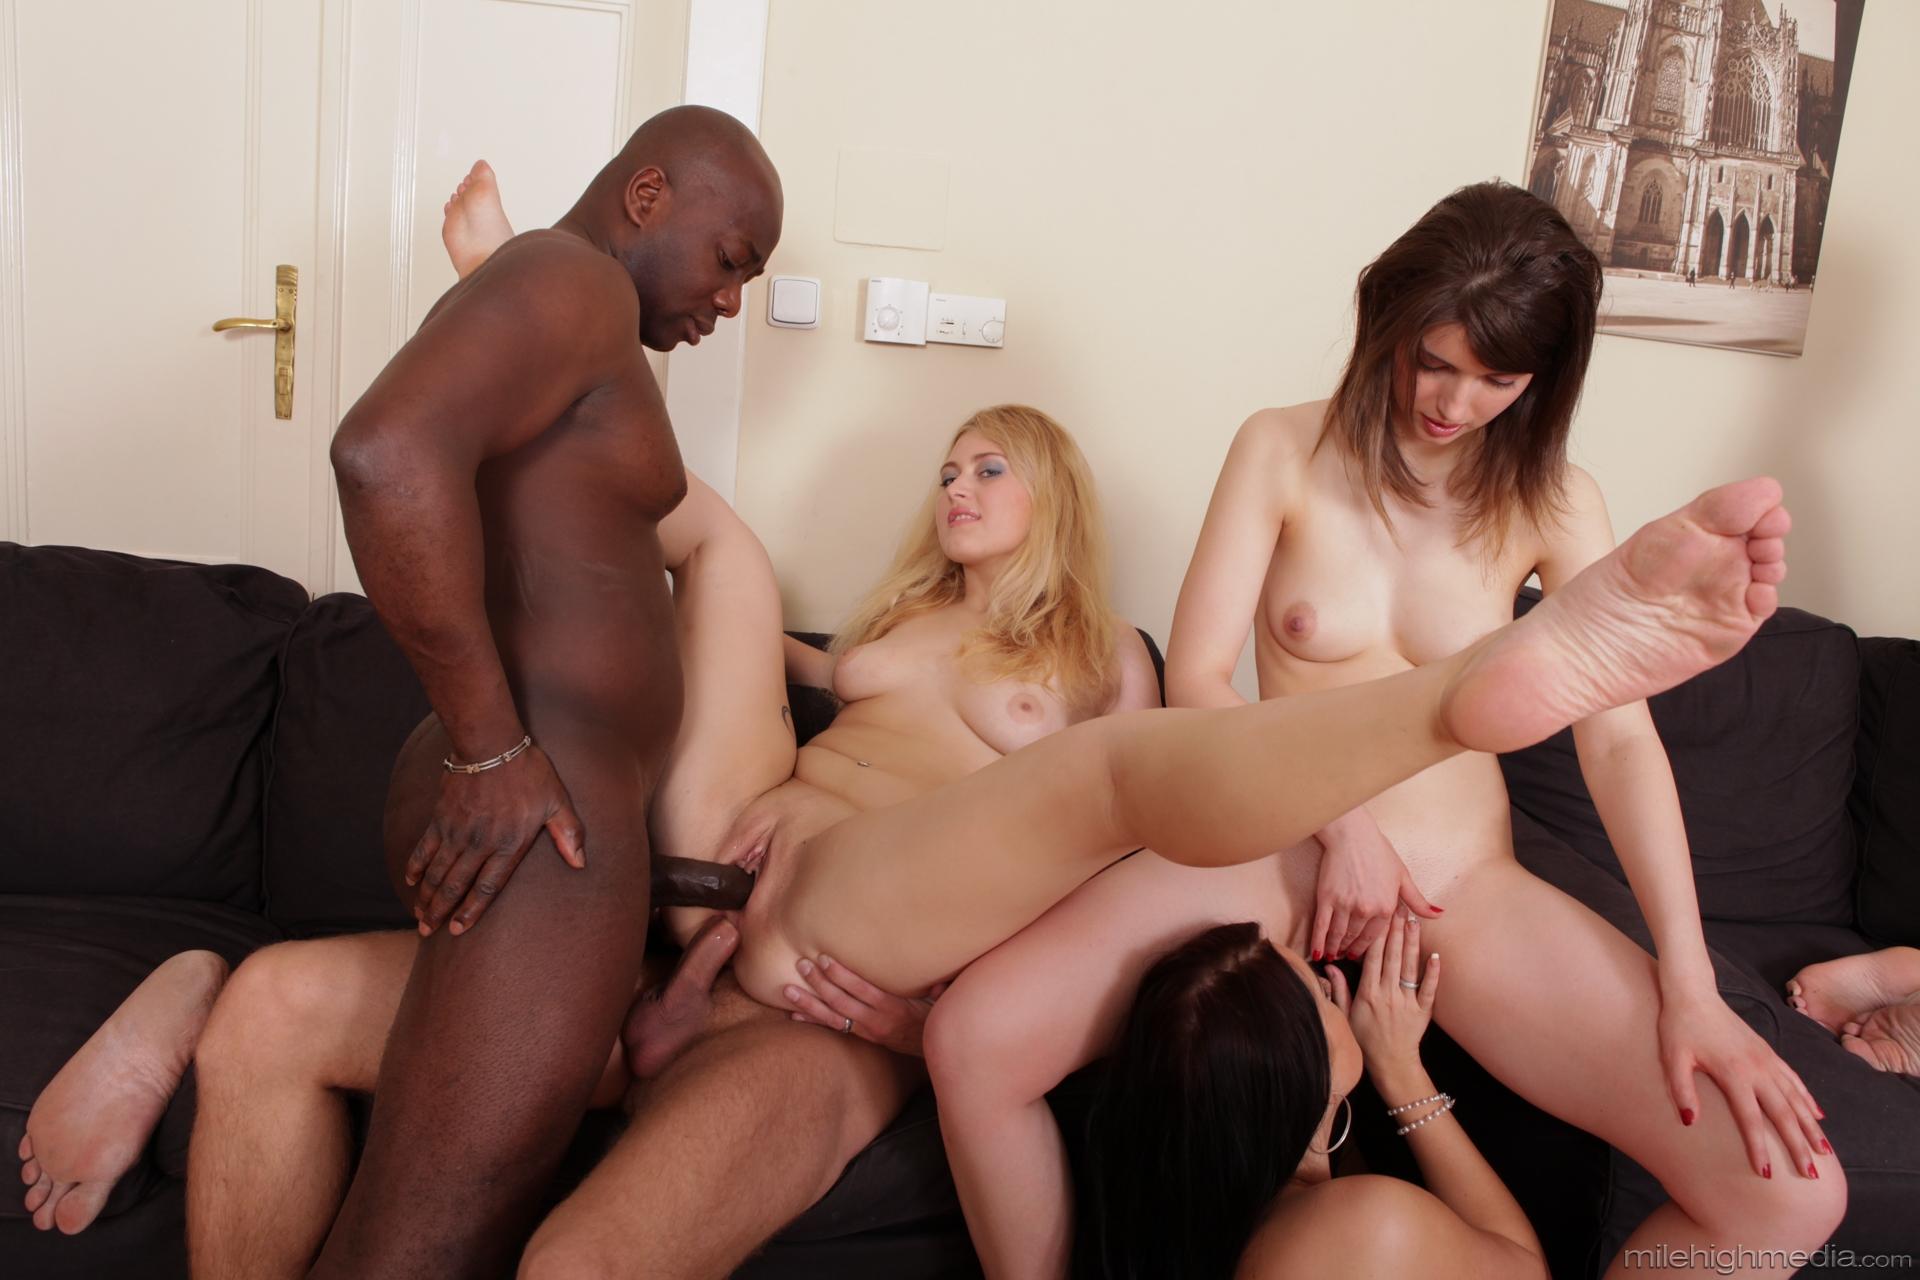 Black girl white girl orgy